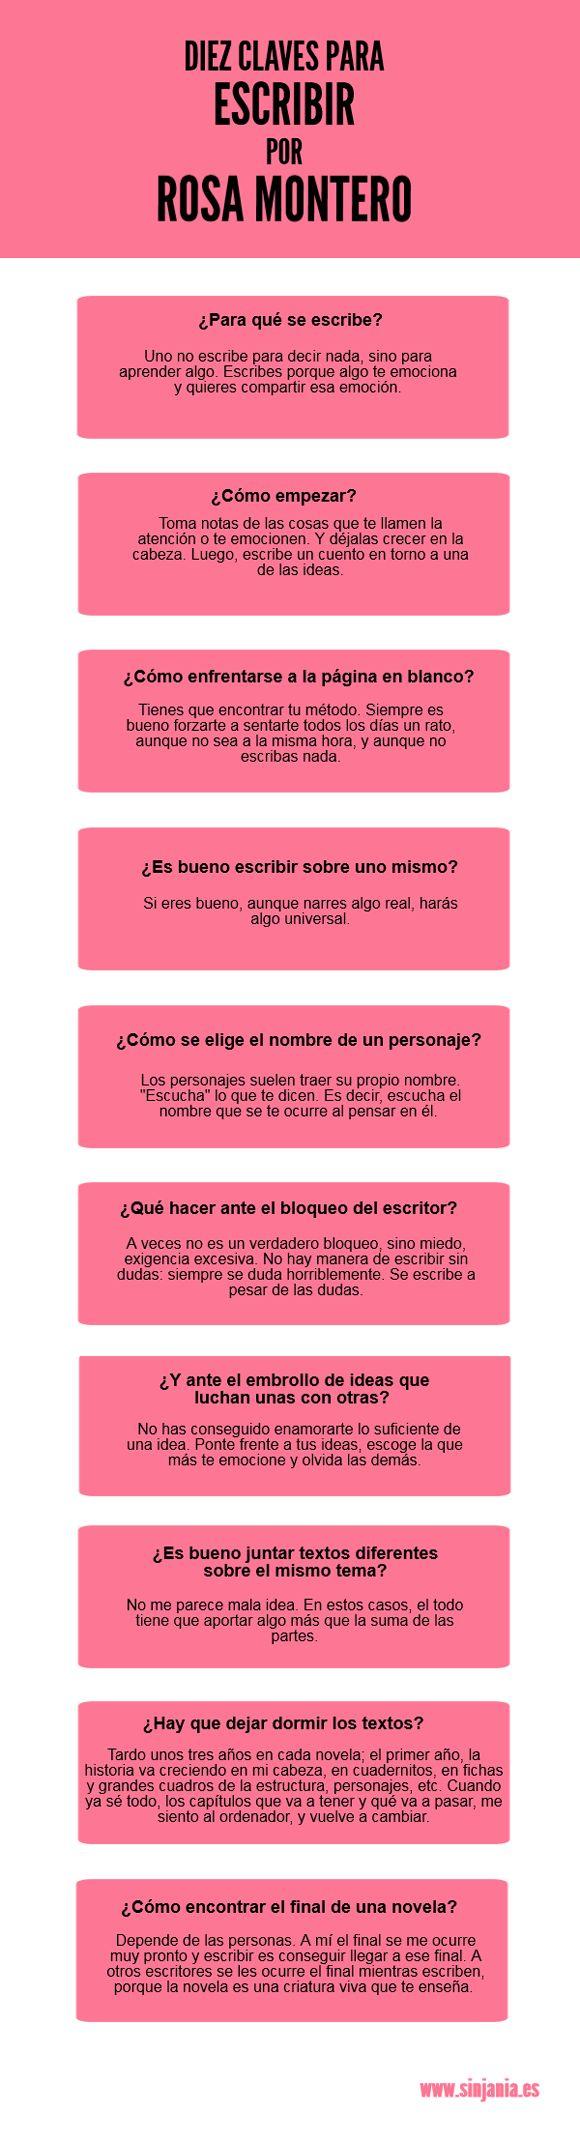 Diez claves imprescindibles para escribir de Rosa Montero.